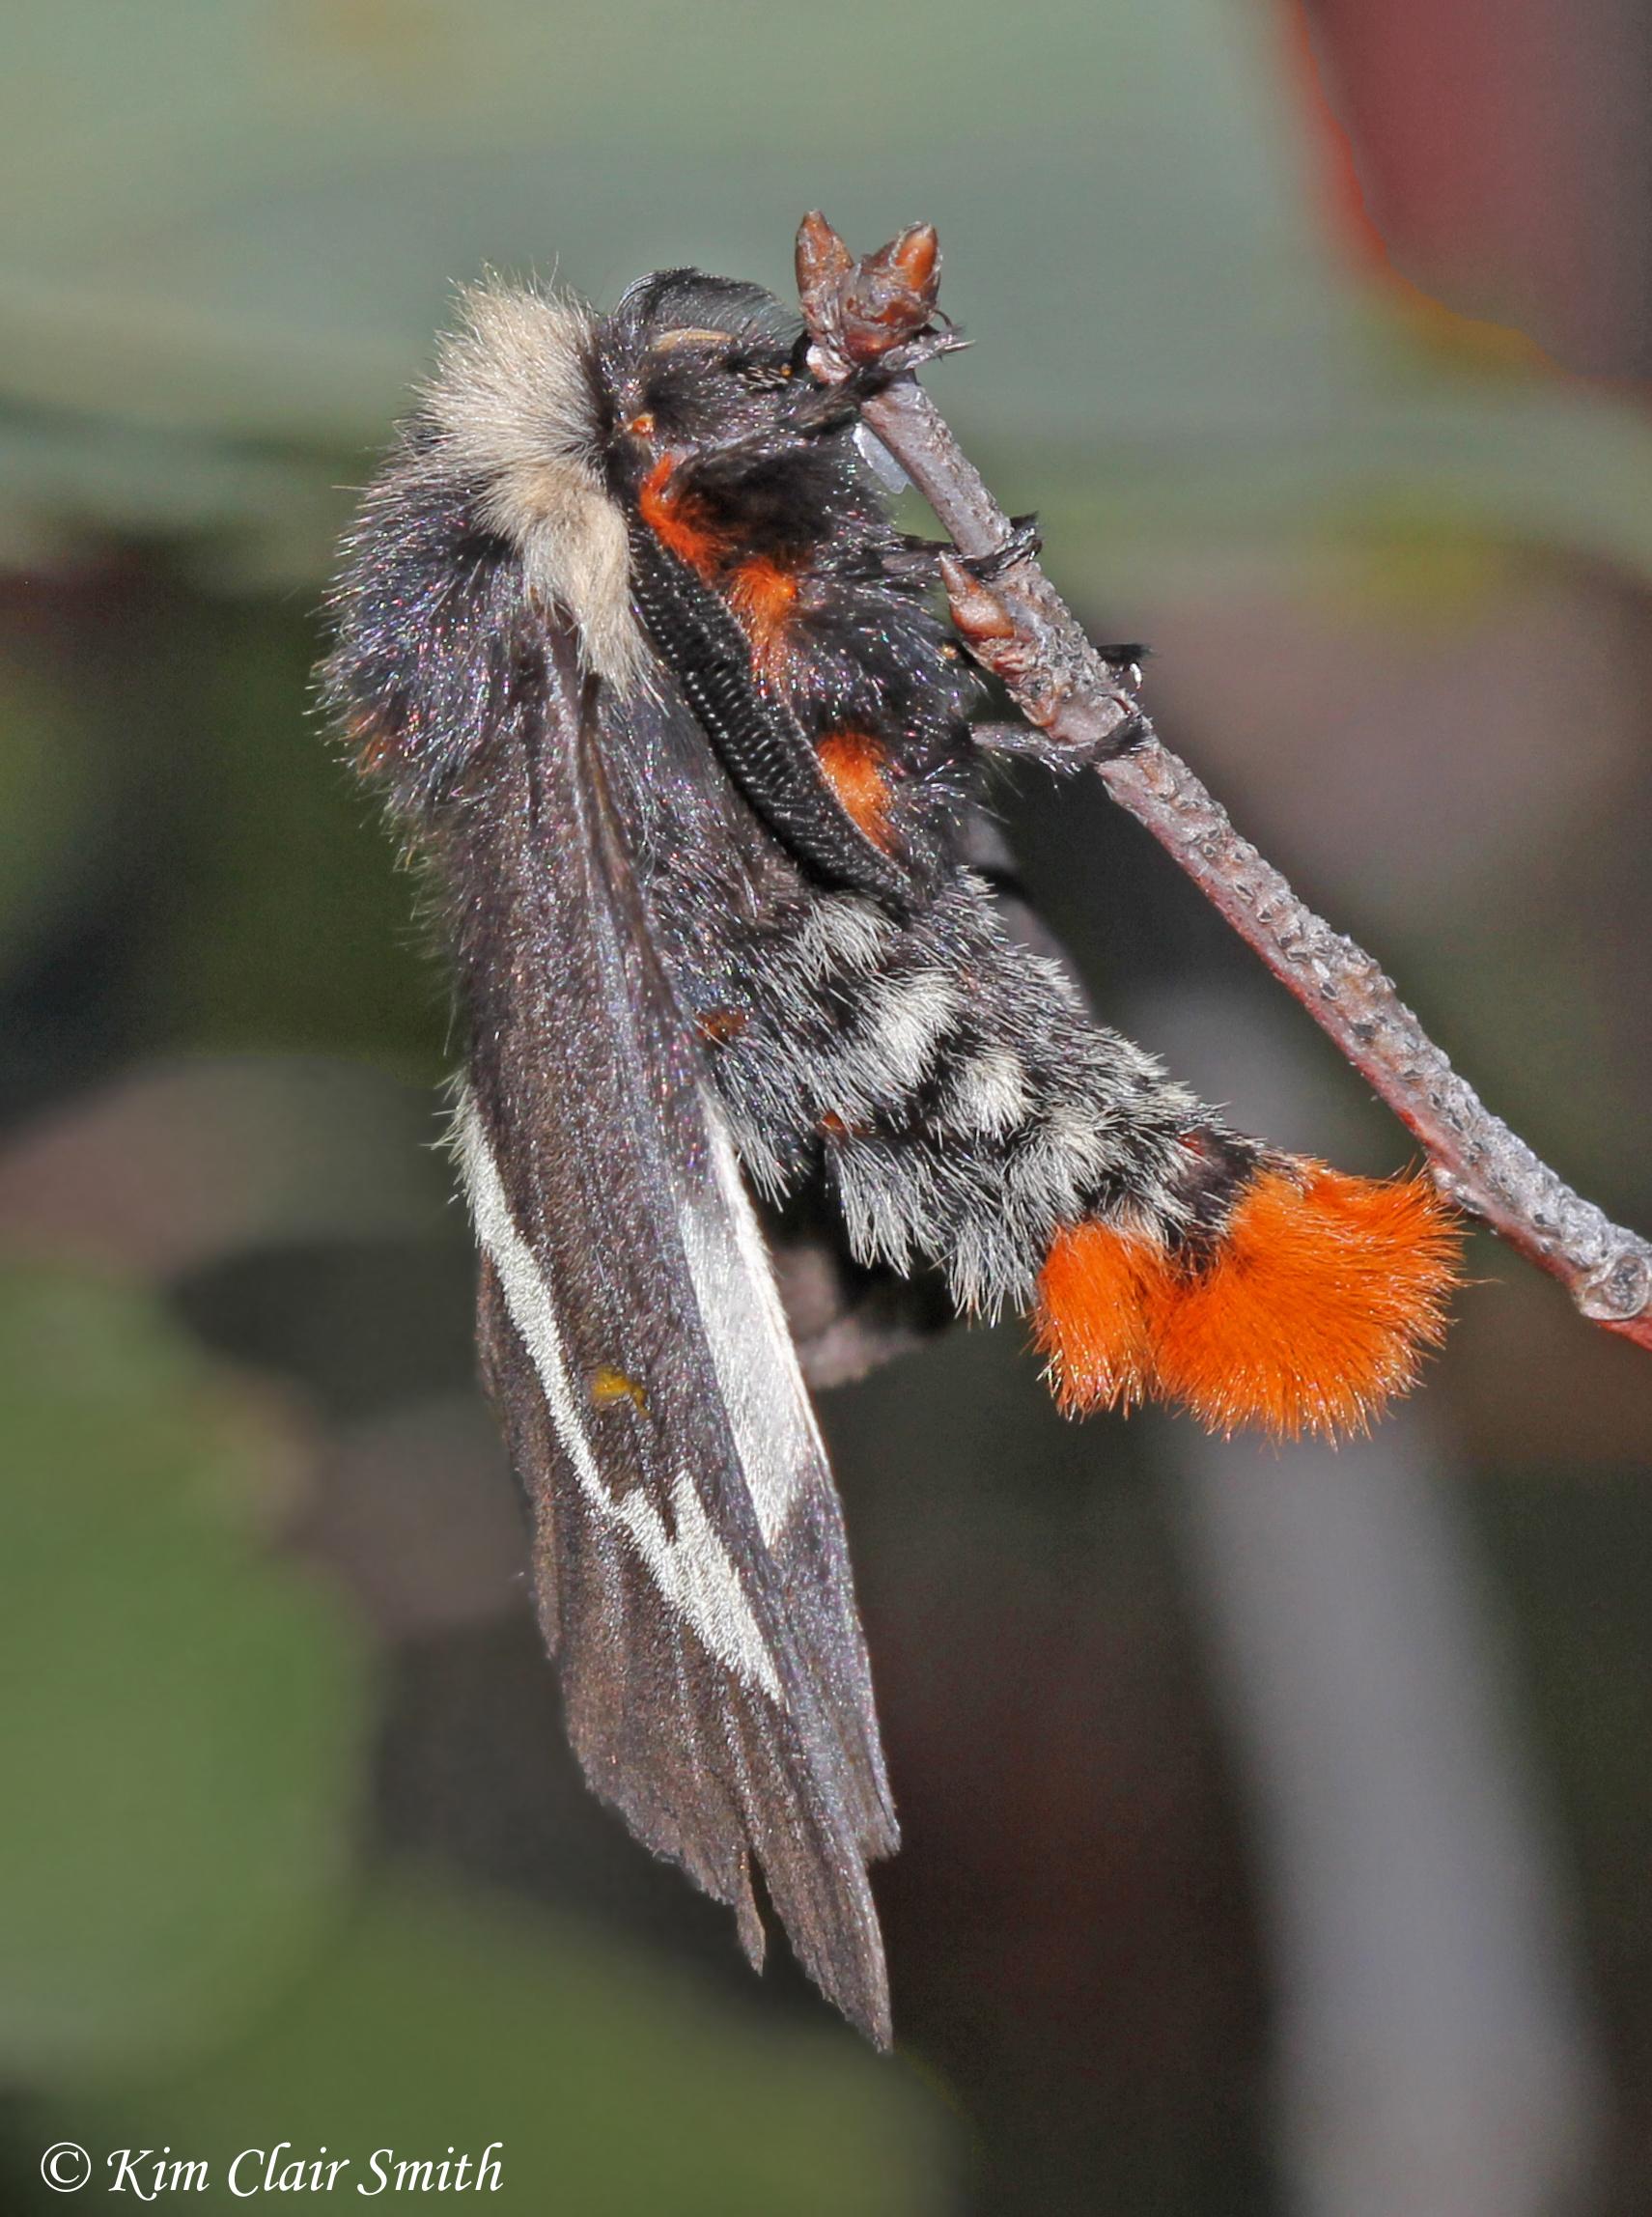 Buck moth on branch - side view